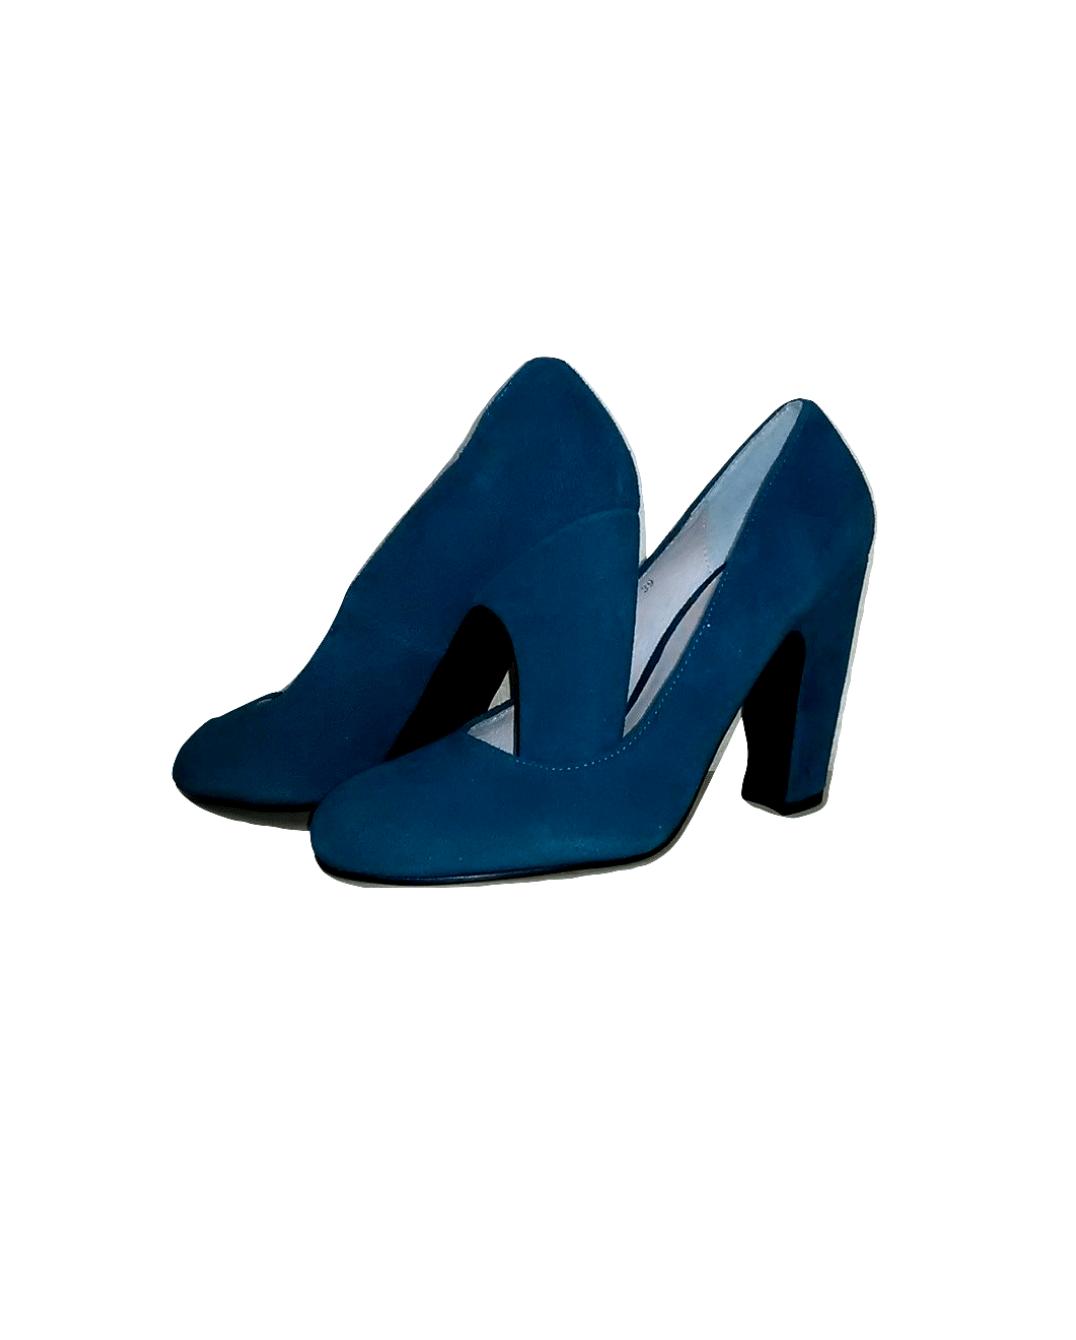 Mėlyni zomšiniai batai su kulnu, ELLOS, 39 dydis